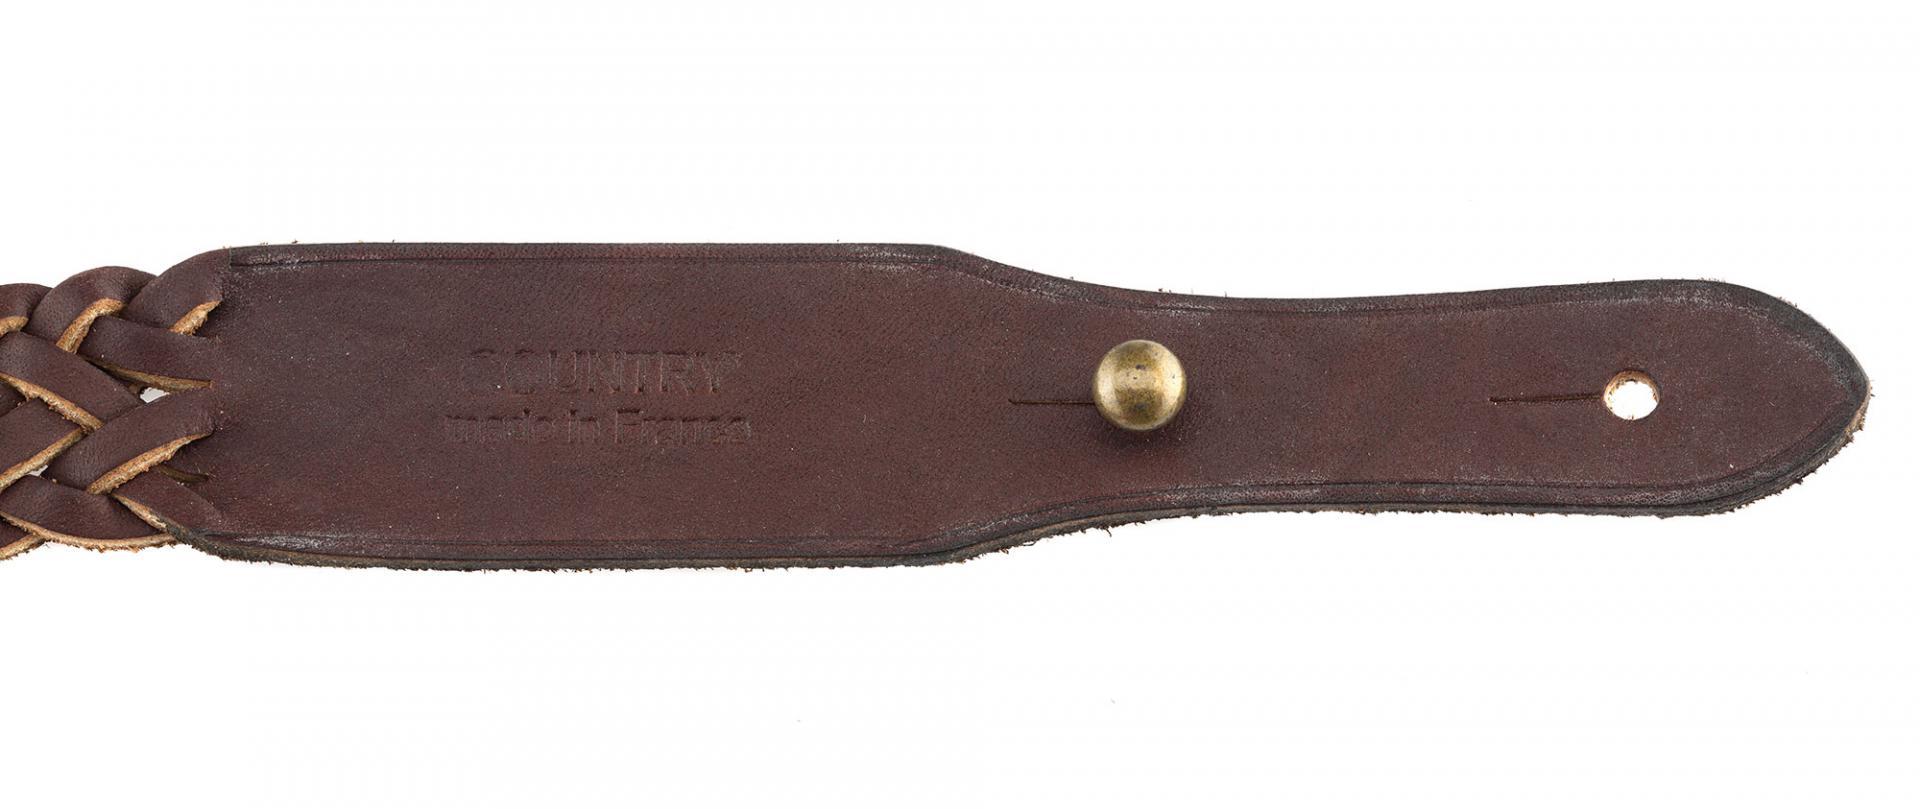 Bretelle de chasse pour fusil de la marque coutry sellerie 1